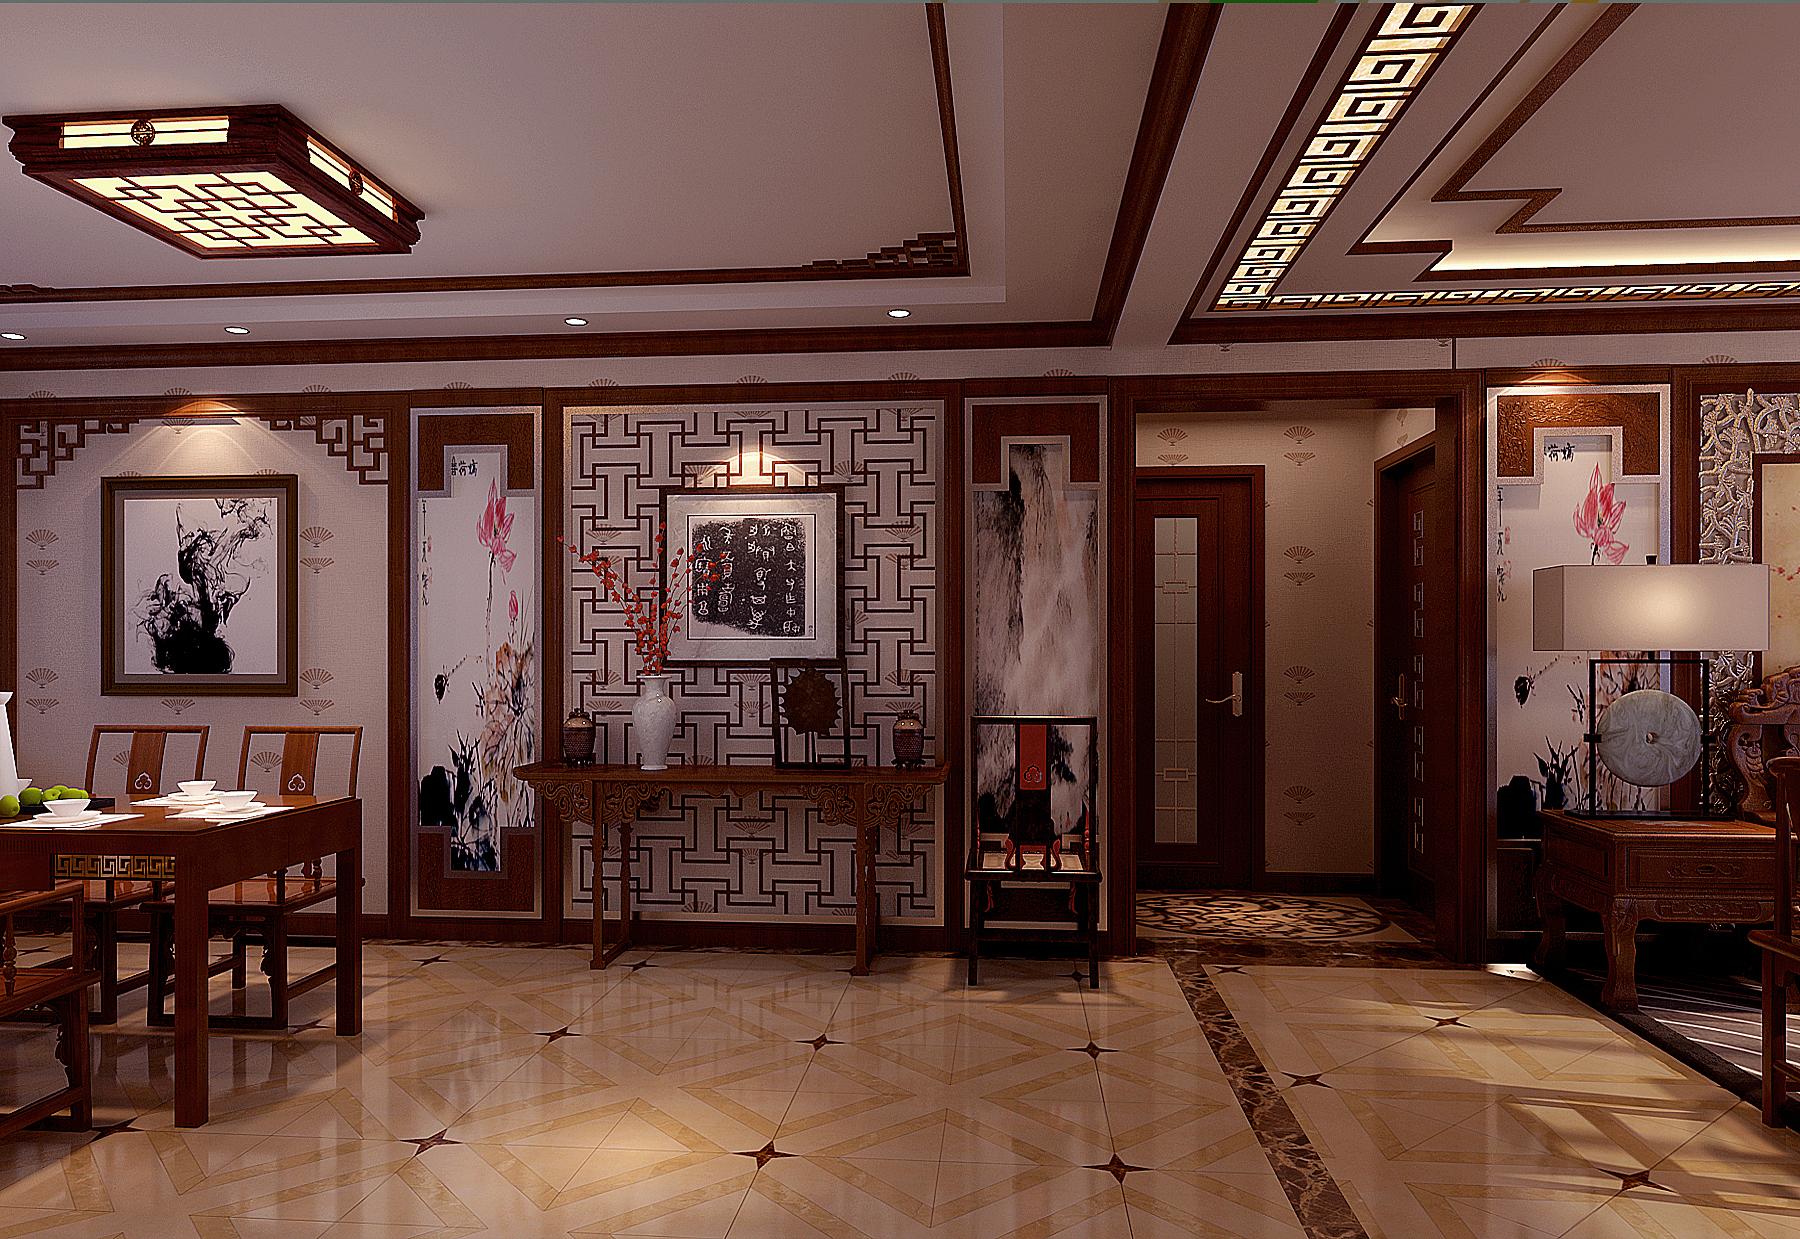 中式 四居 玄关图片来自北京今朝装饰刘在V7西园中式文化生活的分享